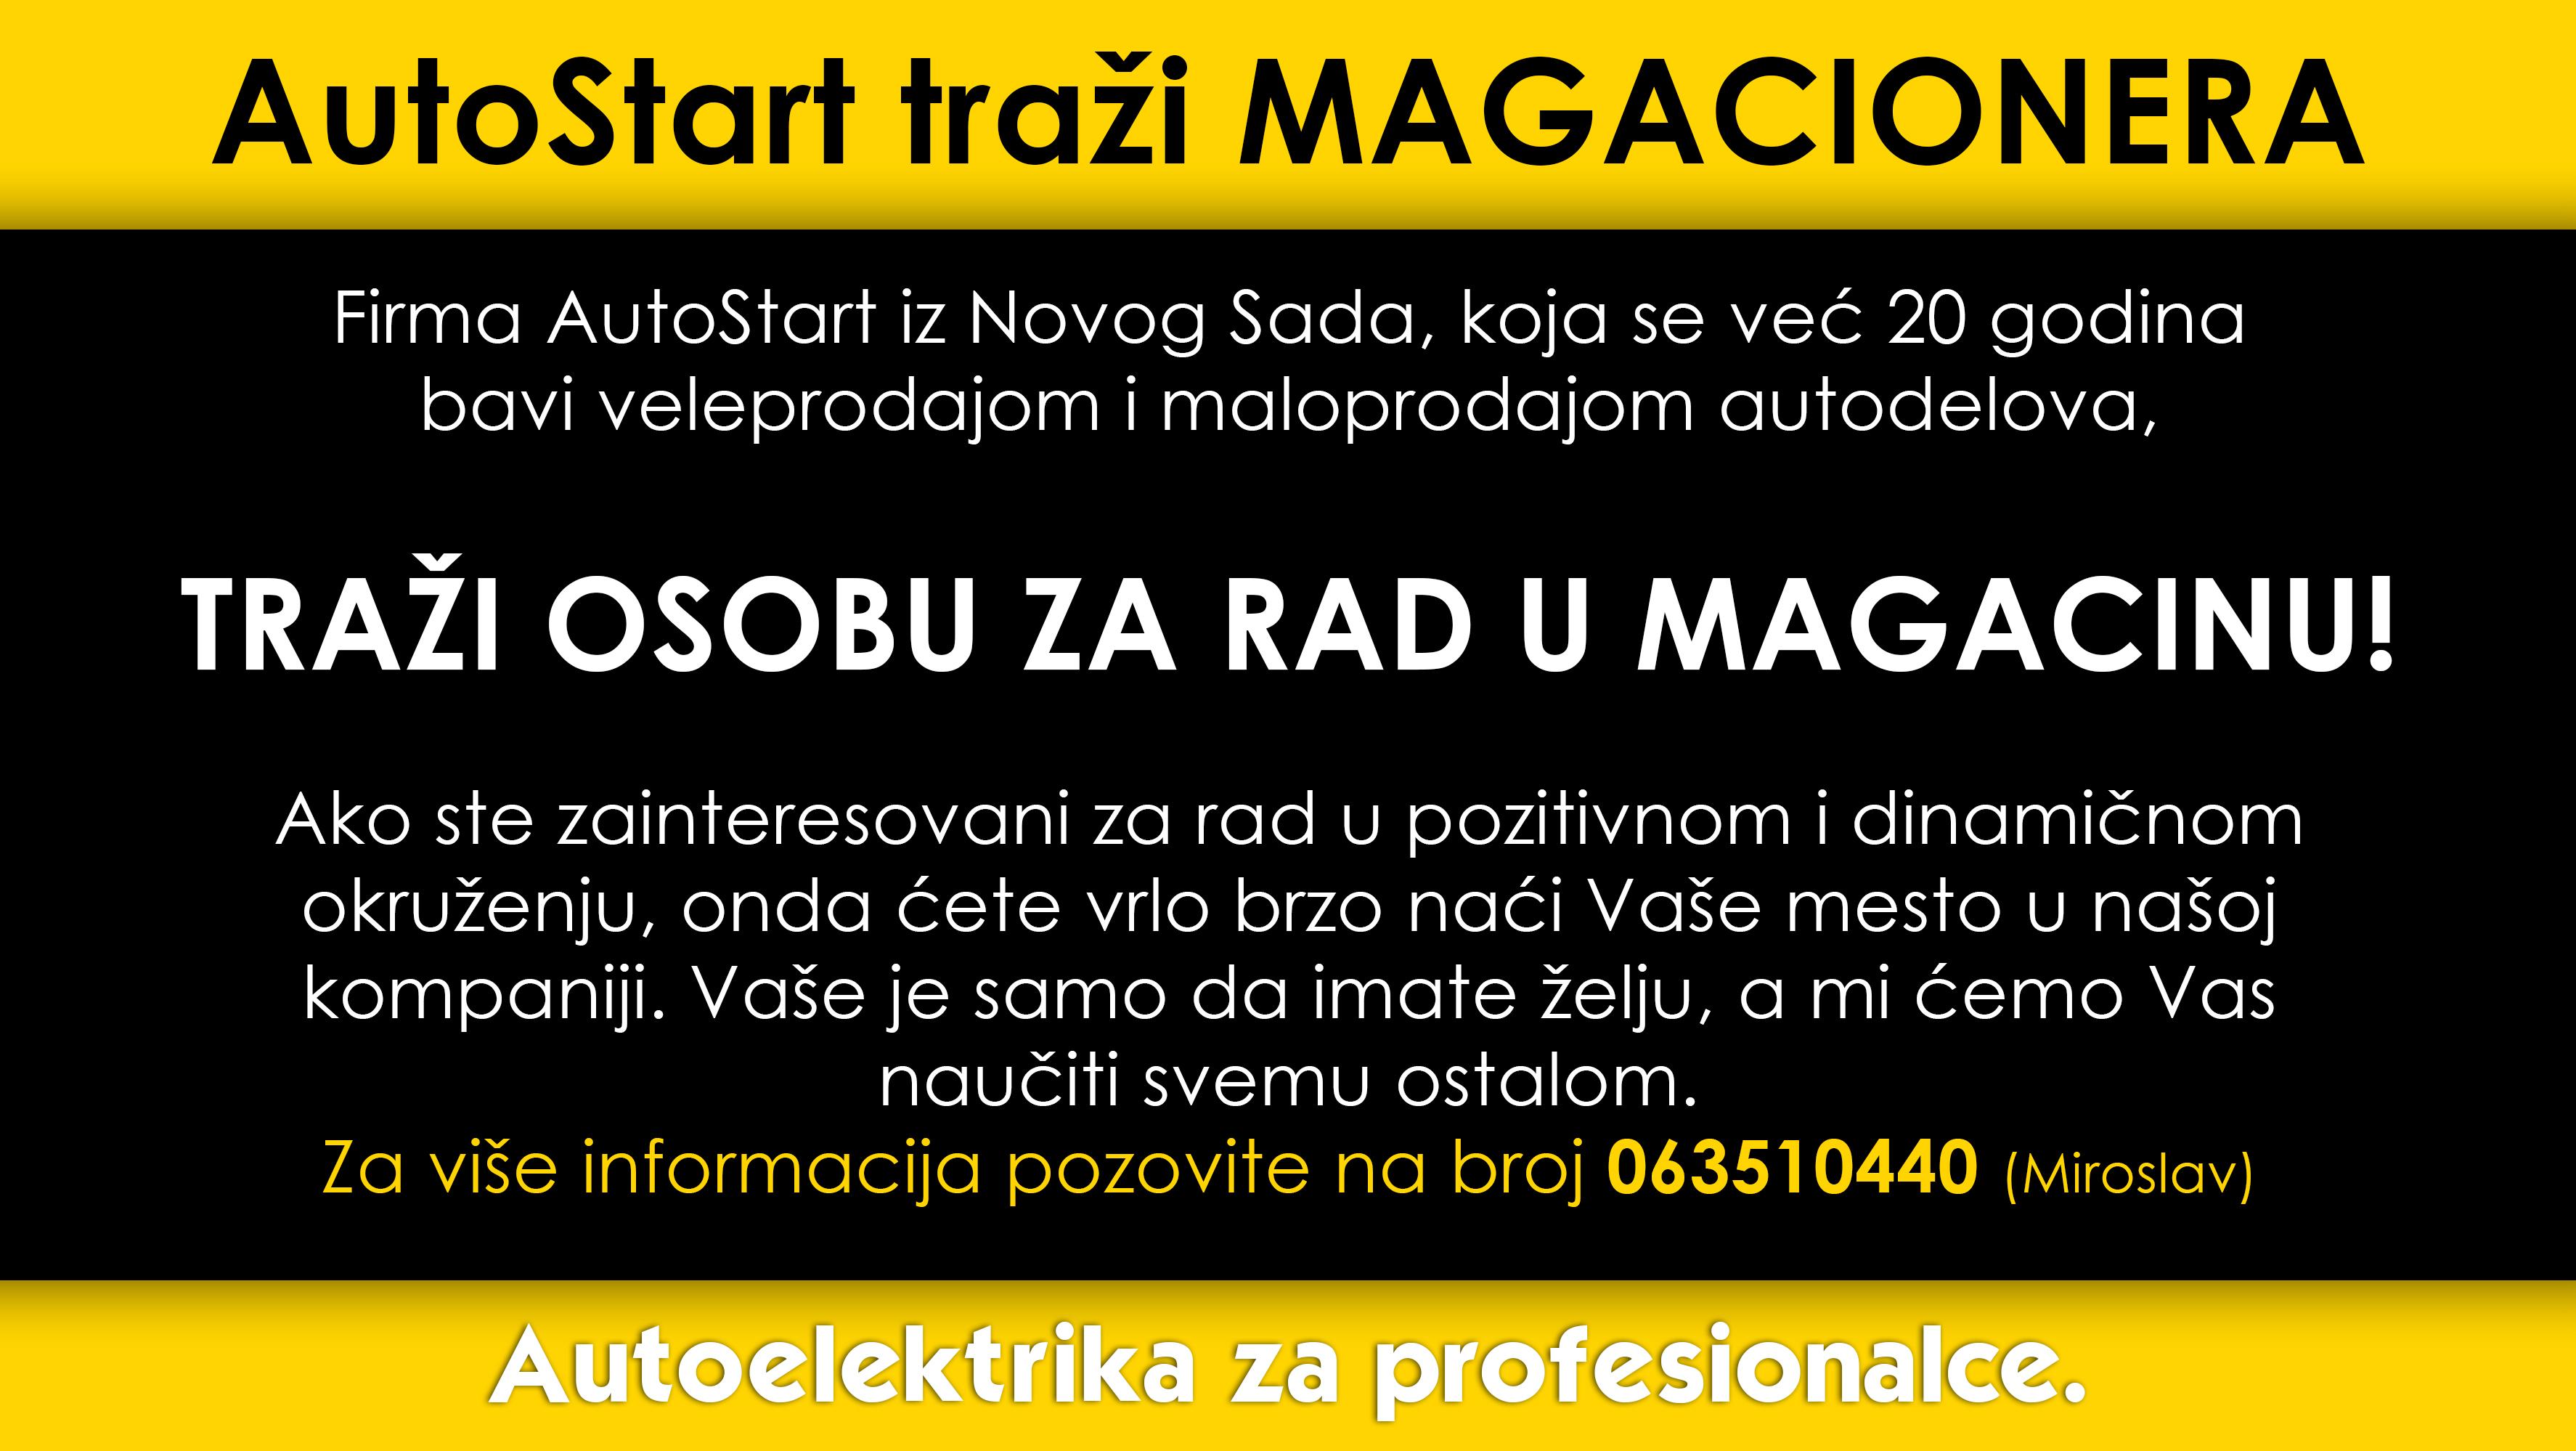 Tražimo-magacionera_2021-sajt